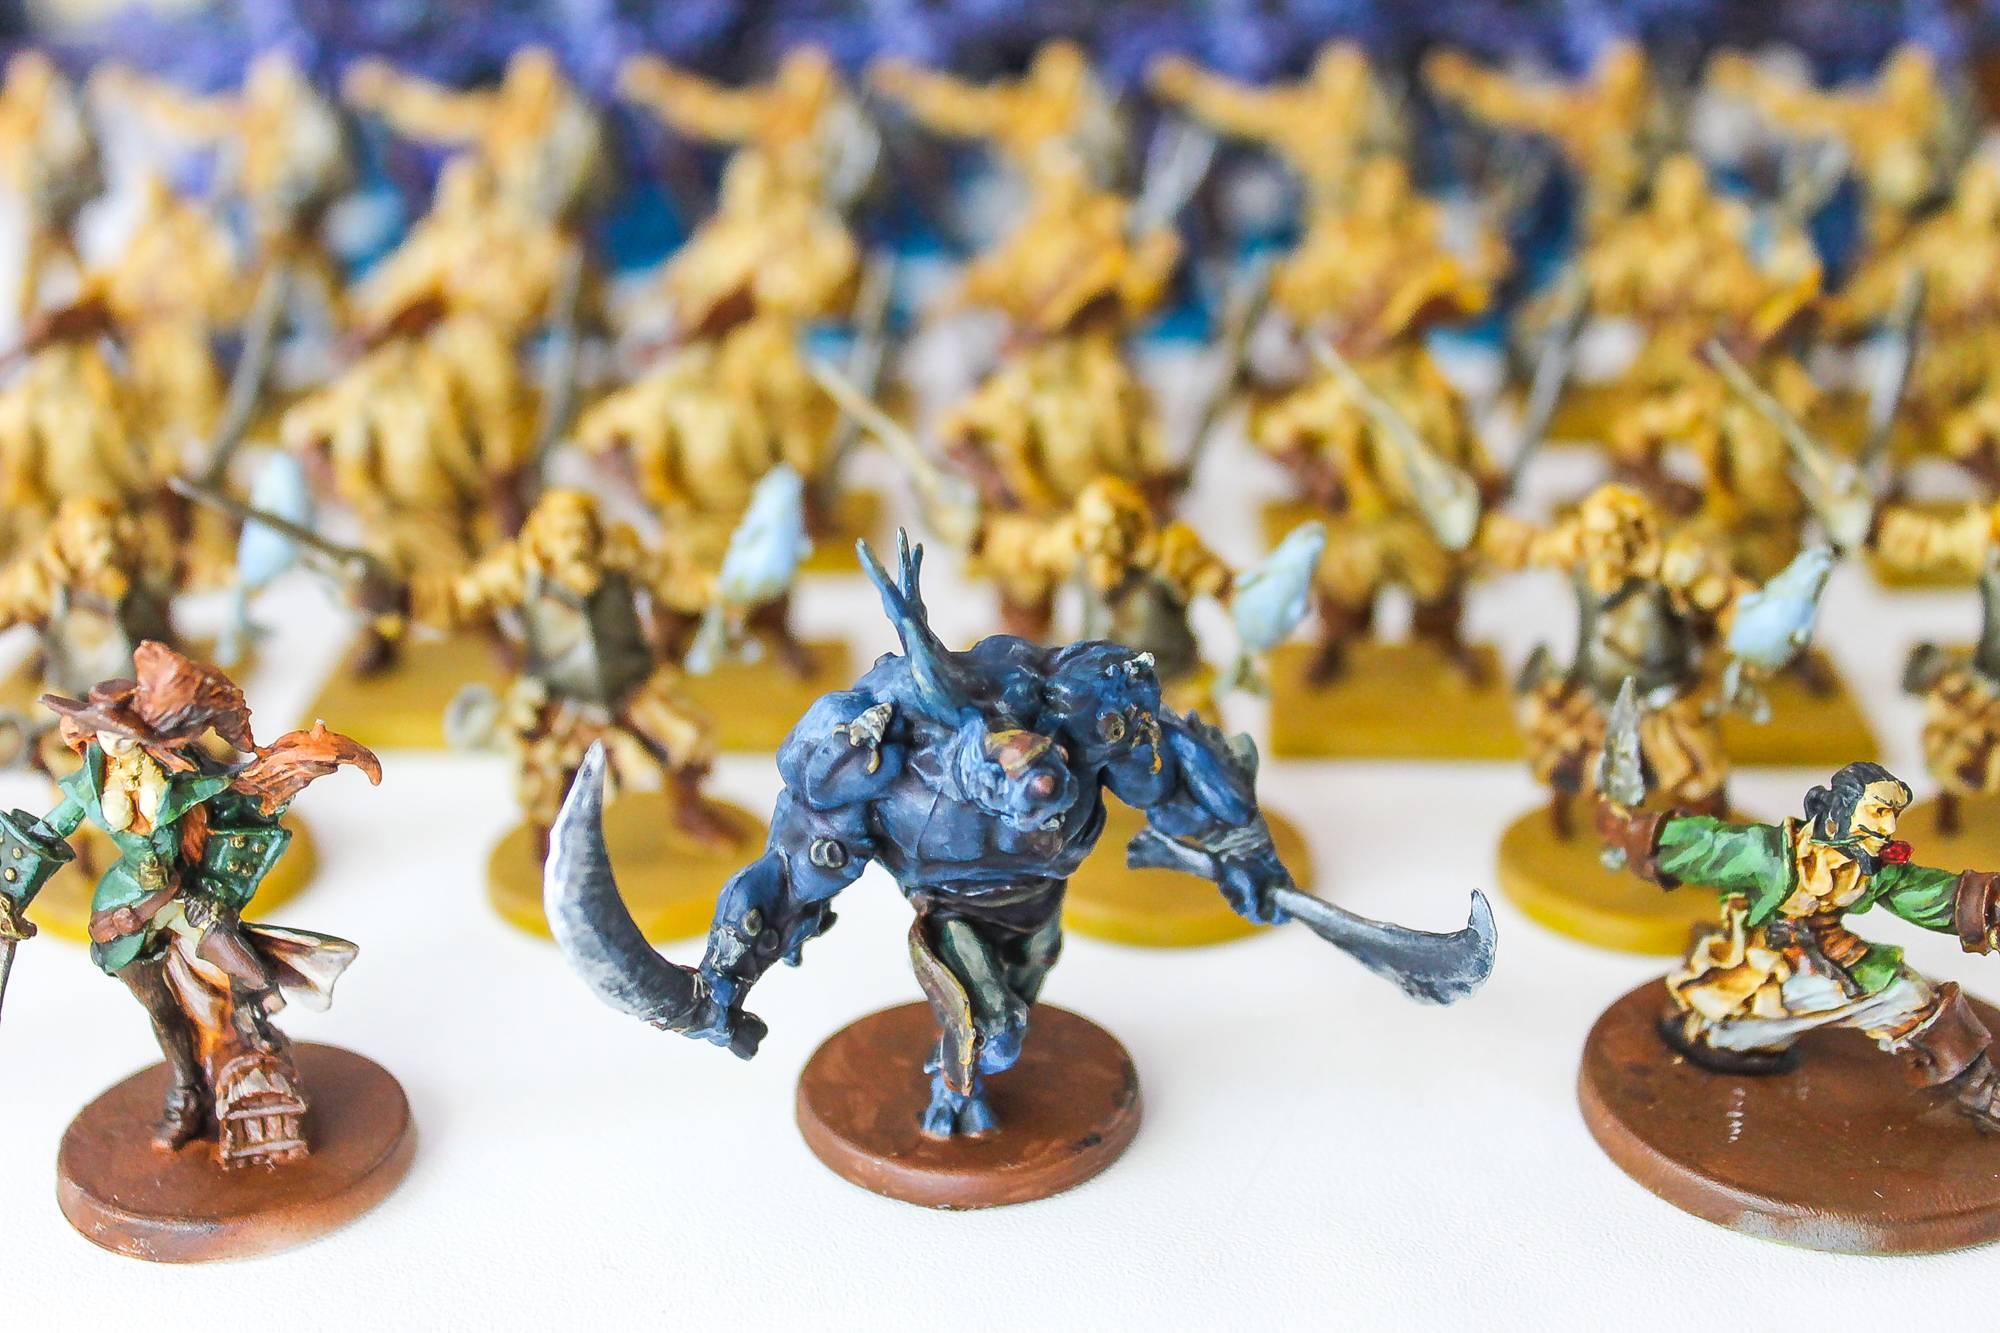 Фото: только поглядите на эти миниатюры пиратов из новой настолки! 2